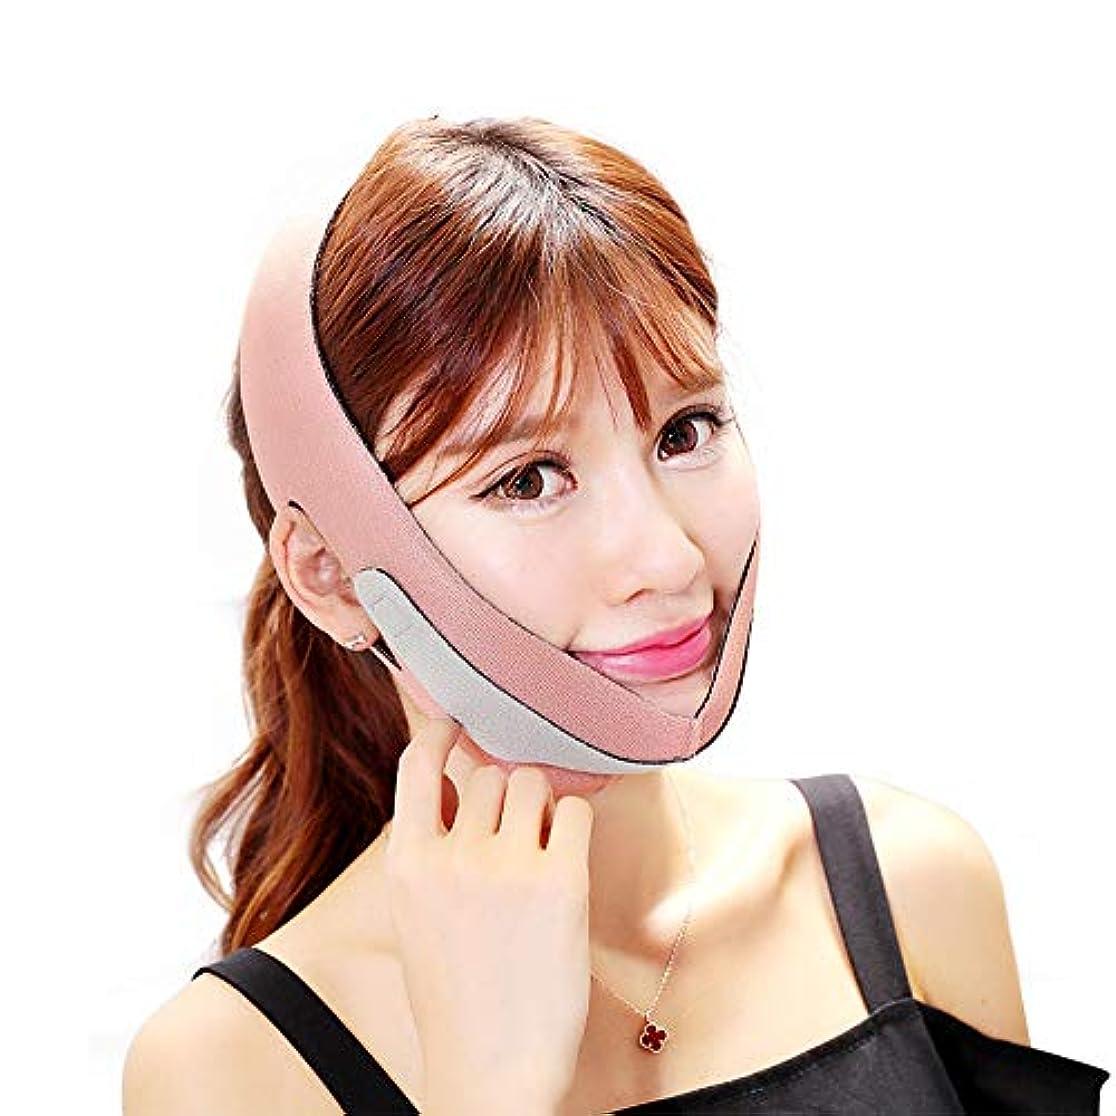 爬虫類落ち着く火【Maveni】小顔 ベルト 美顔 顔痩せ 最新型 リフトアップベルト フェイスマスク メンズ レディース